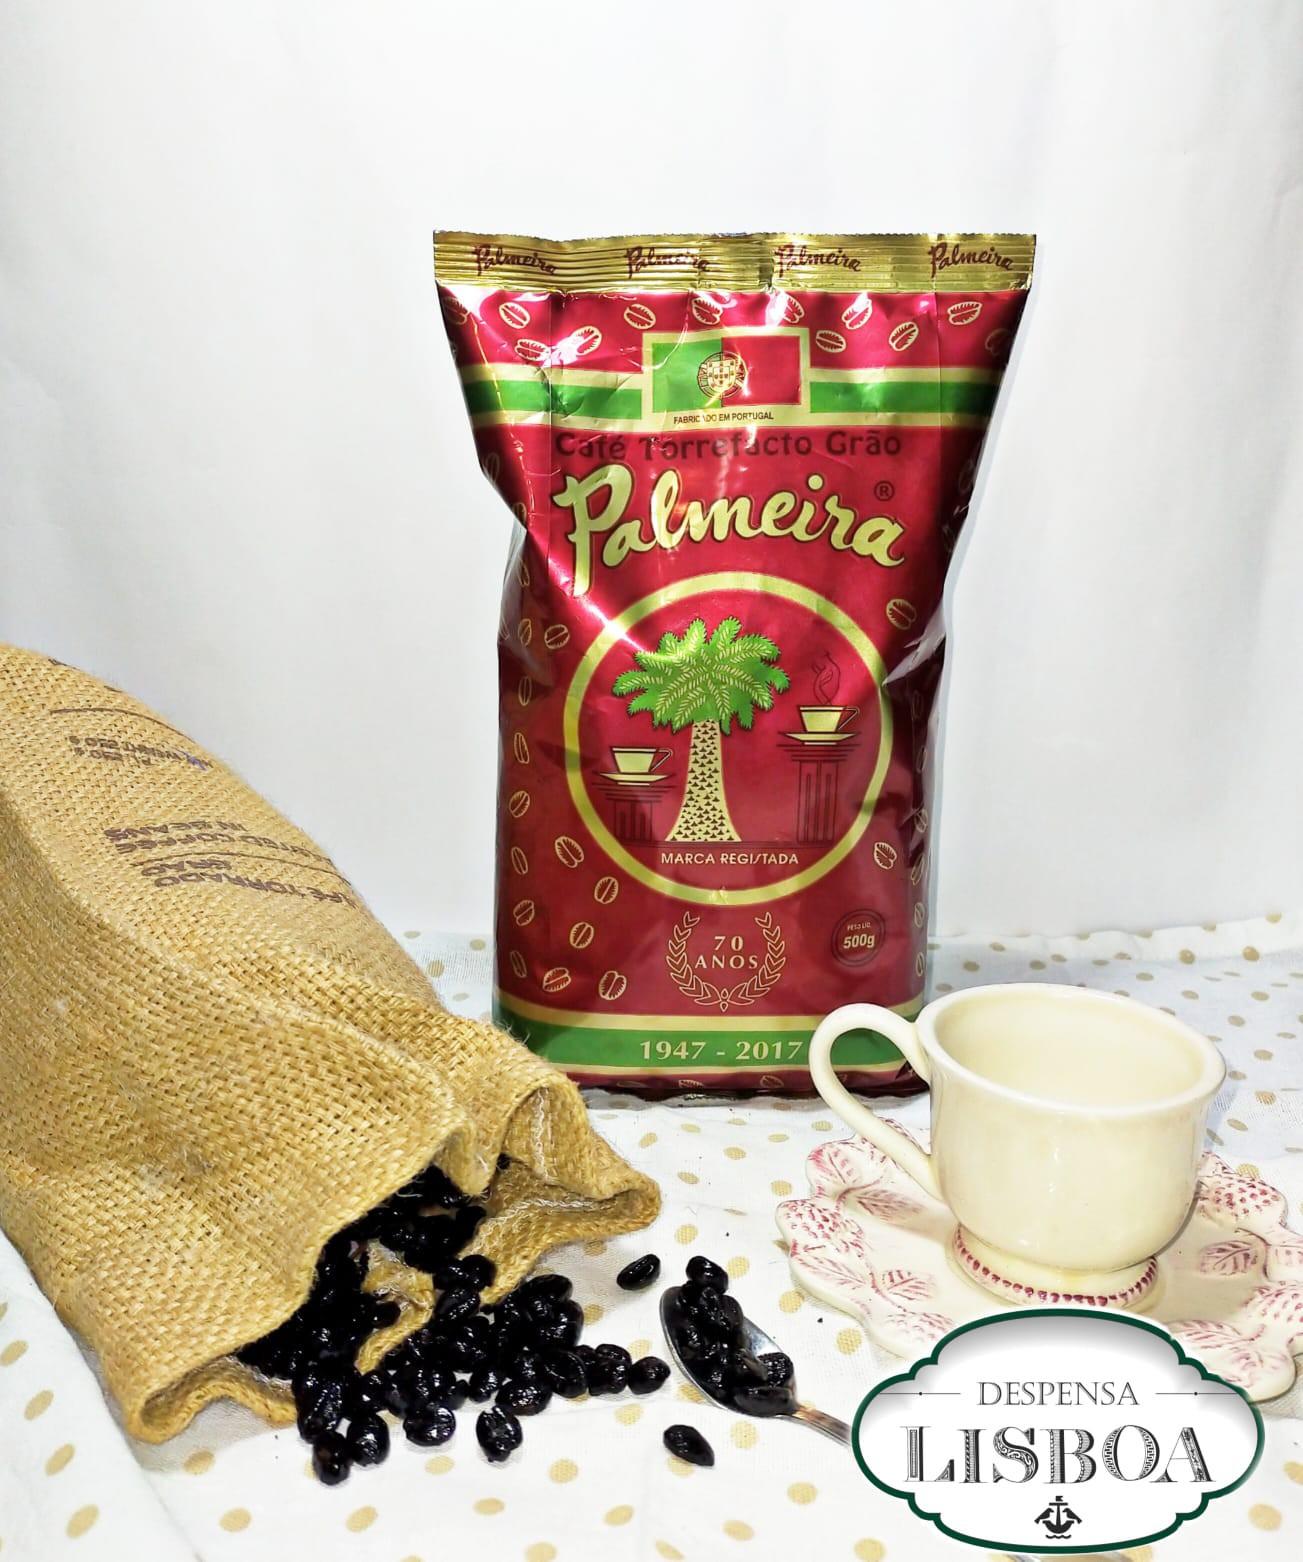 Café Palmeira Torrefacto Grano 0,5 Kg